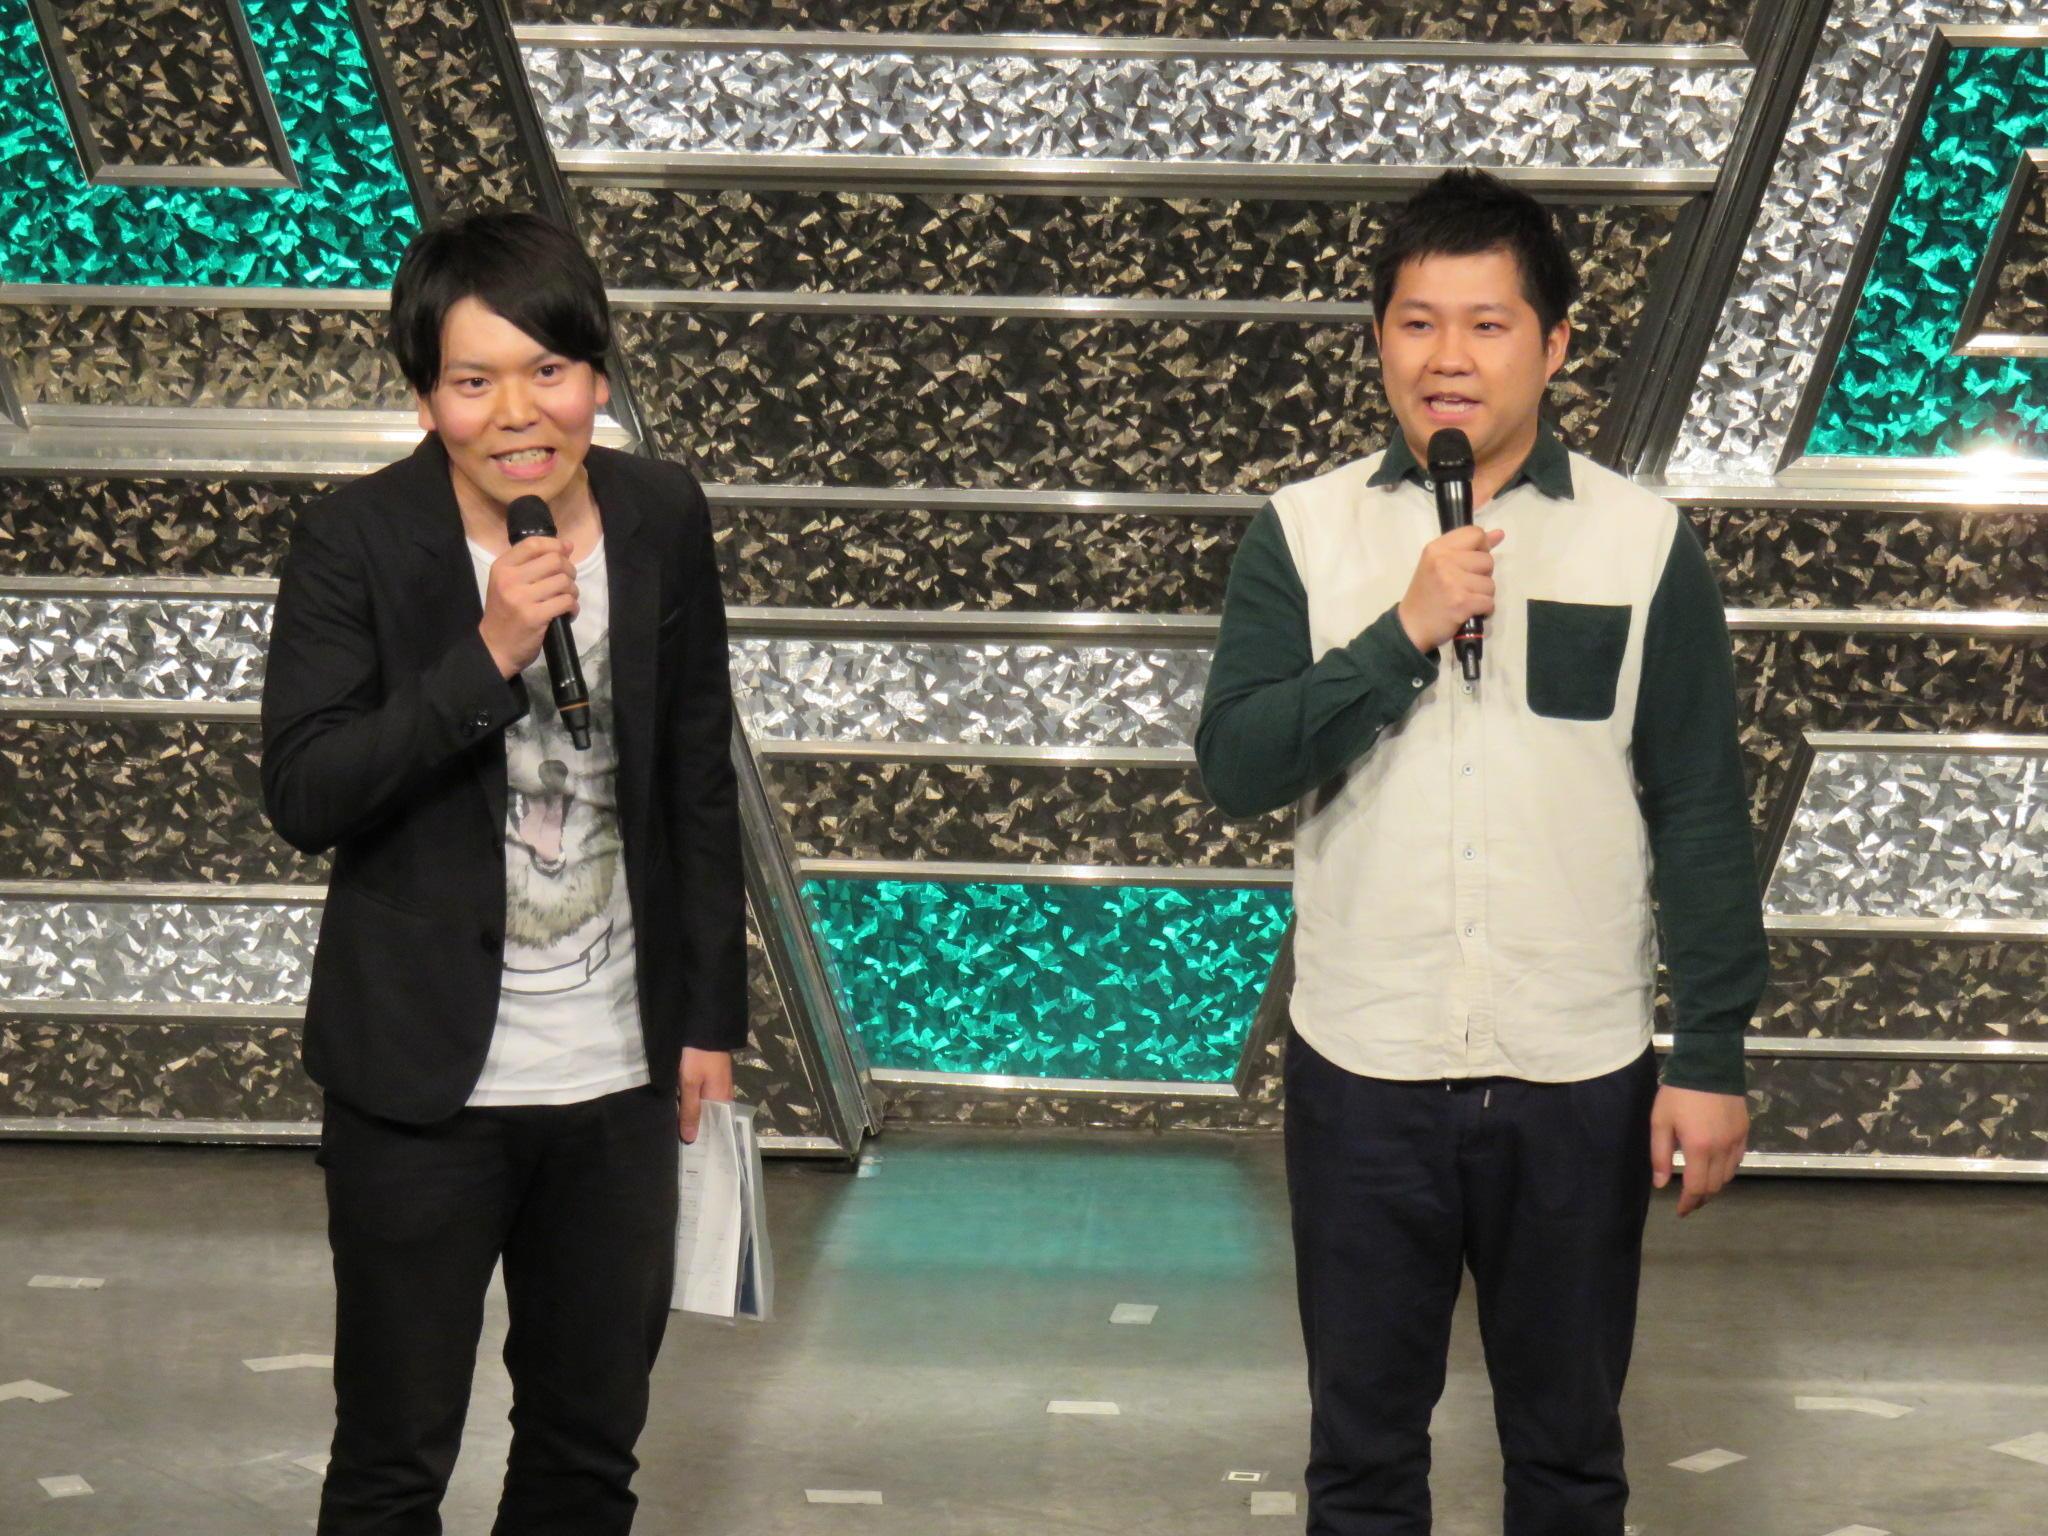 http://news.yoshimoto.co.jp/20160531174610-667ff8e53658027f547d5e70c115fe49cfdcc89d.jpg